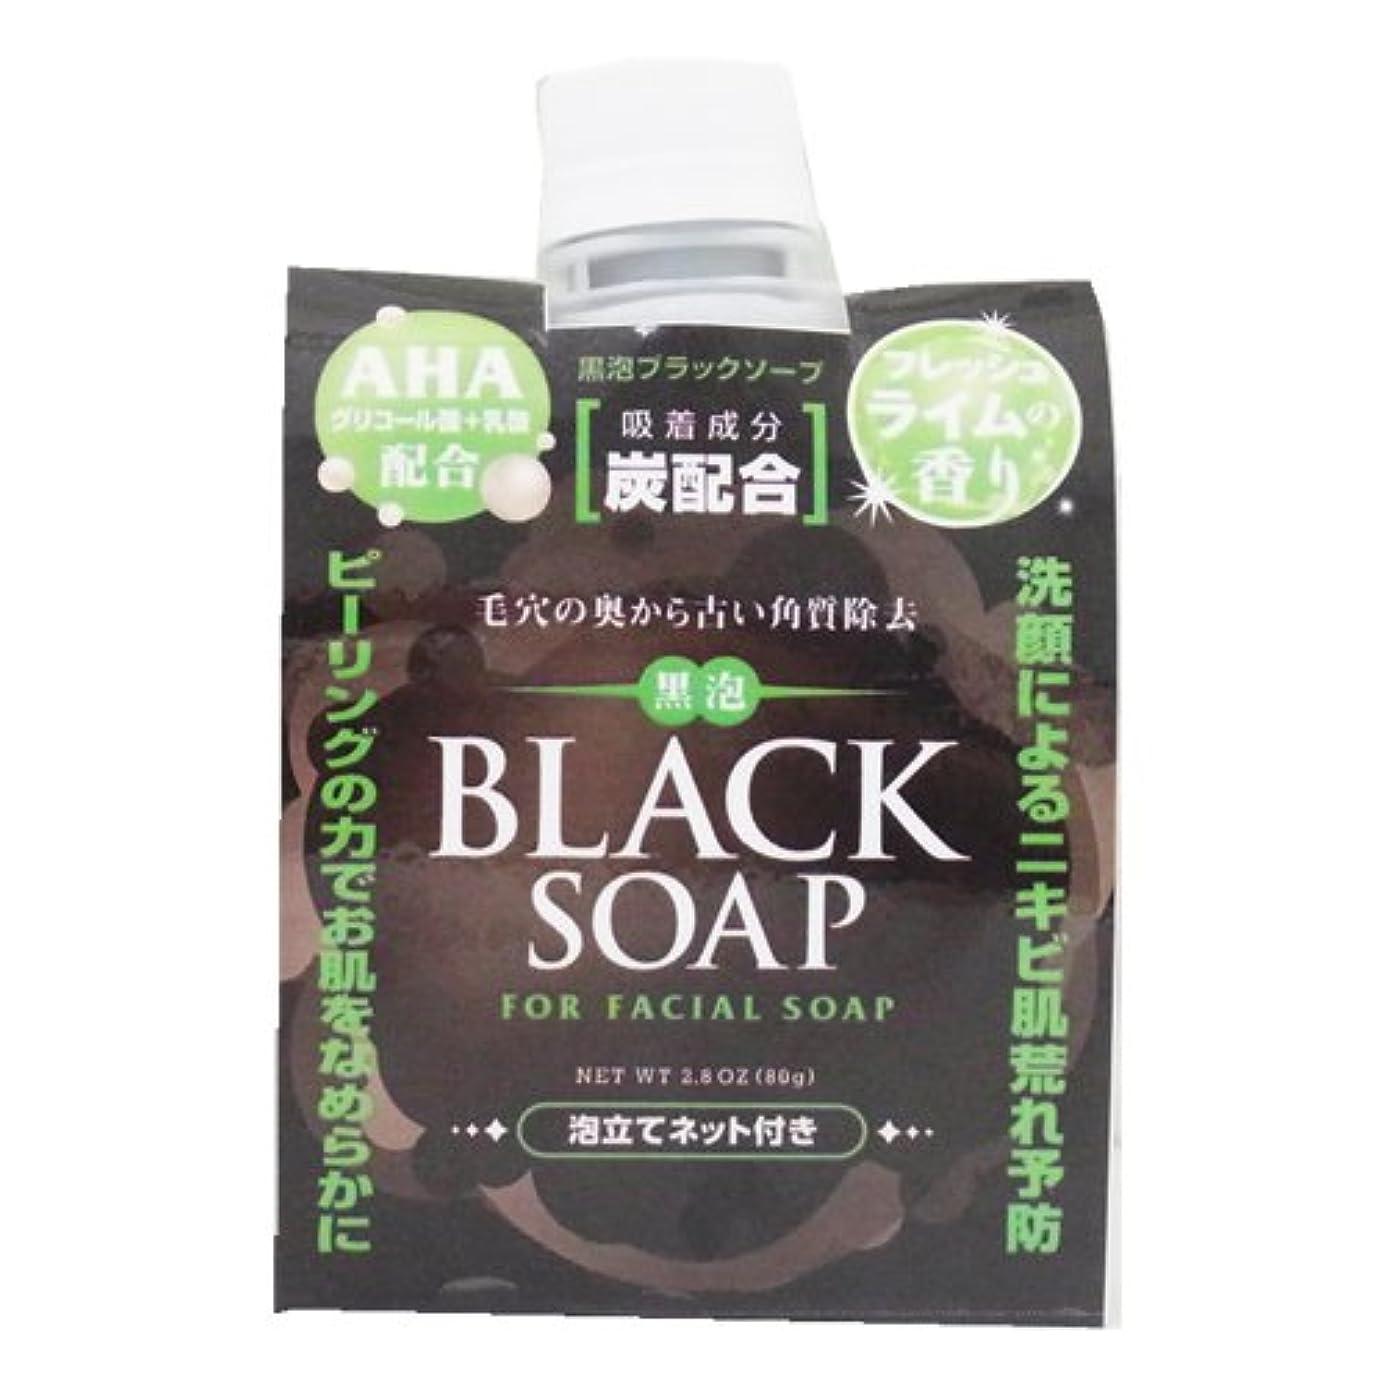 ジャンプハーフロマンチック黒泡ブラックソープ